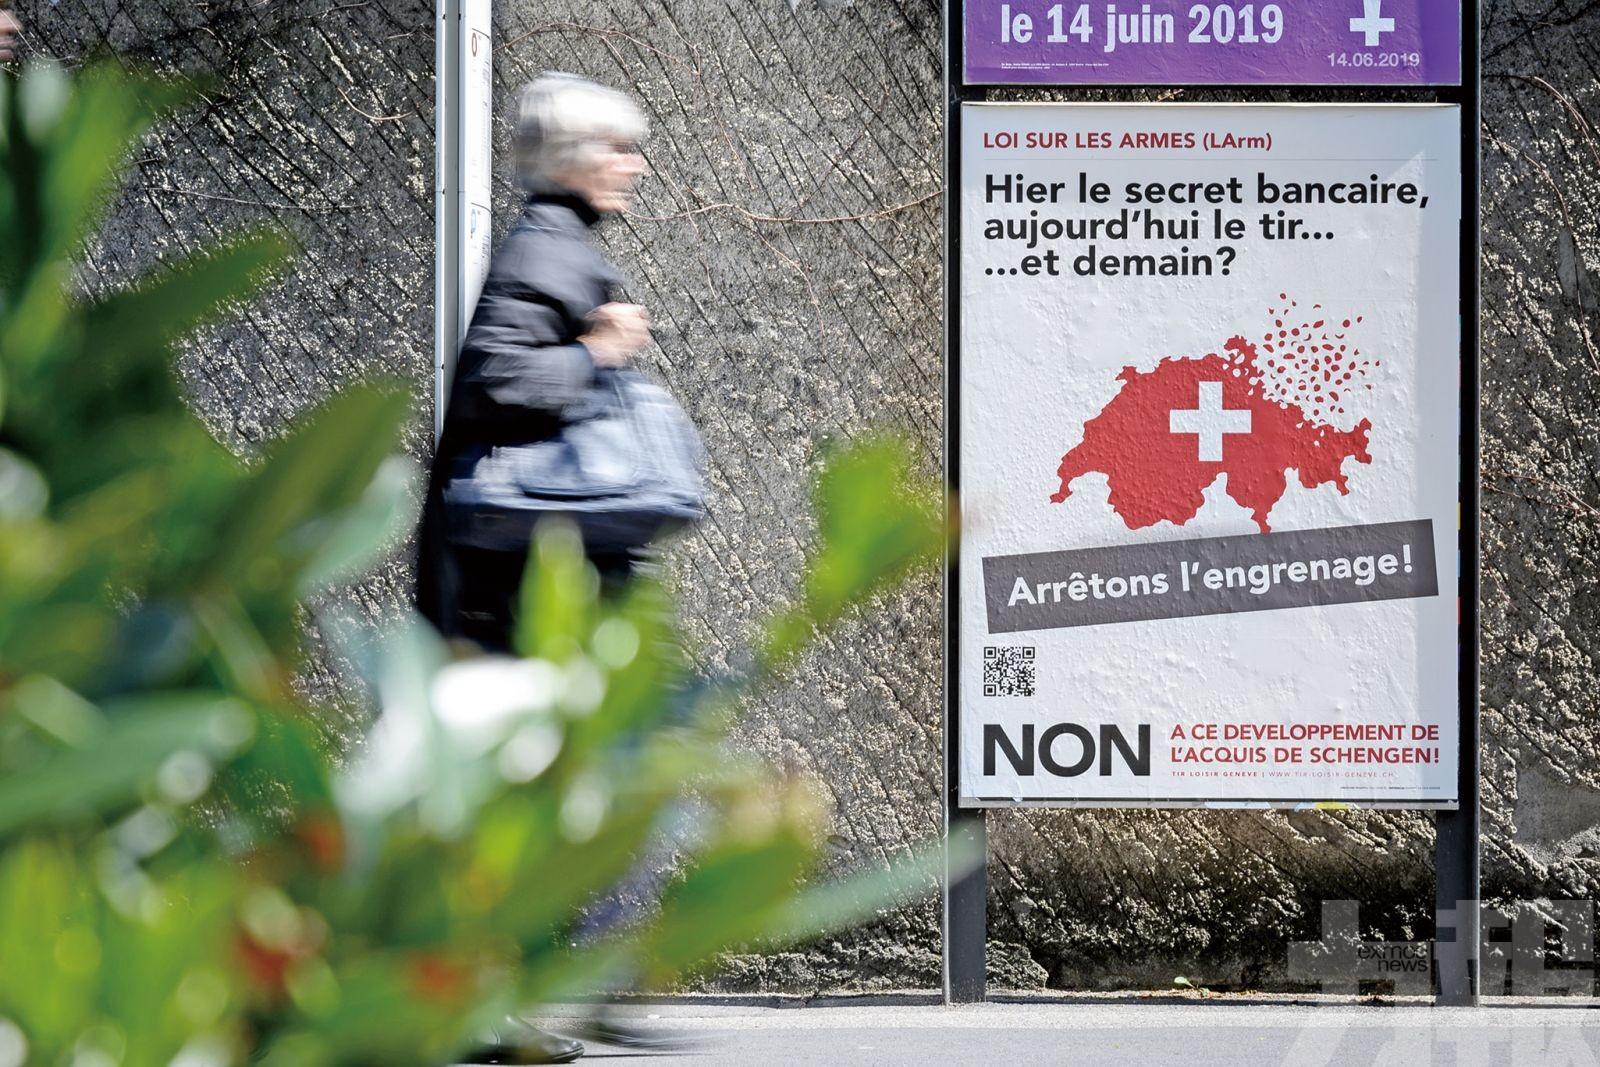 瑞士公投收緊槍管